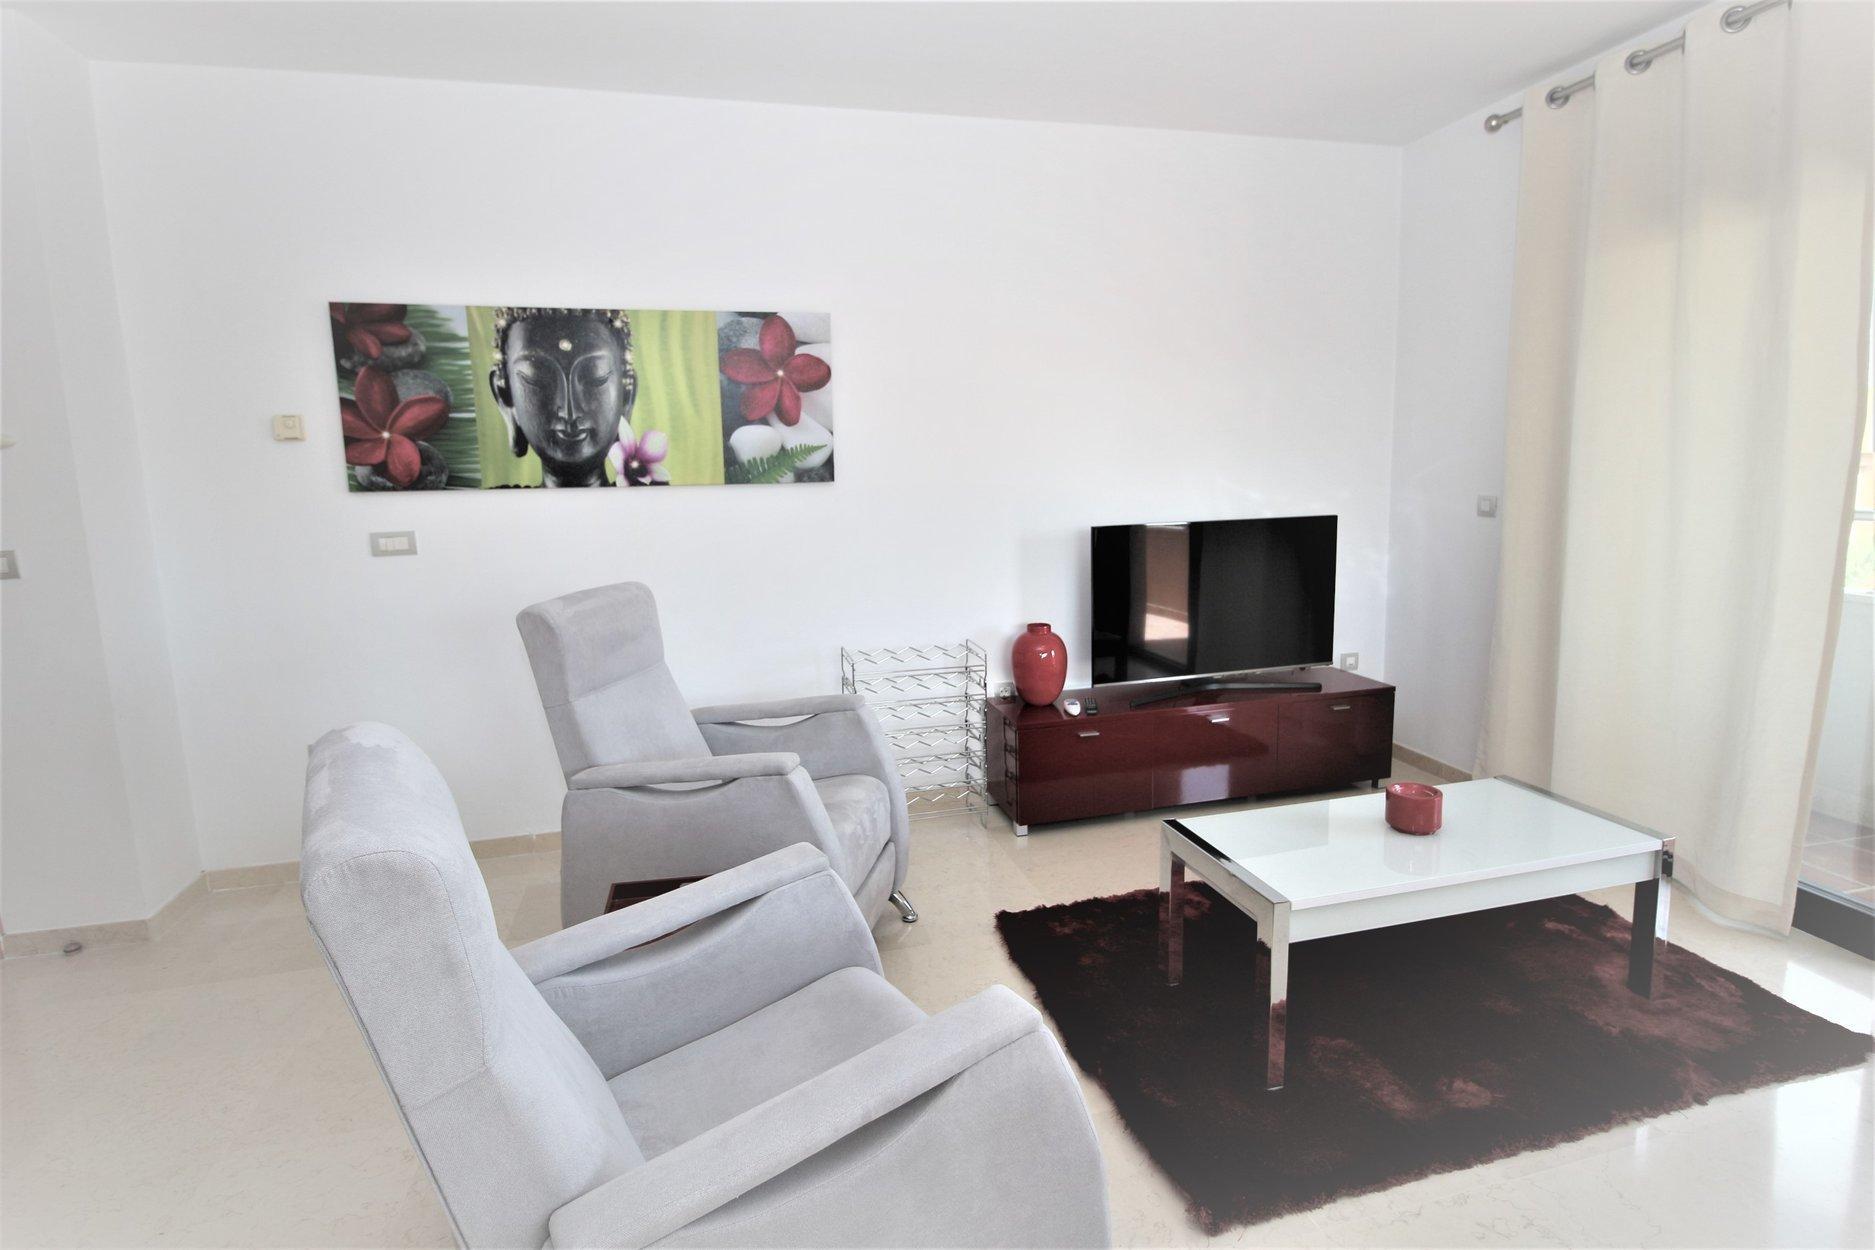 Apartment te huur in Marbella, Residencial Palacio de Congresos